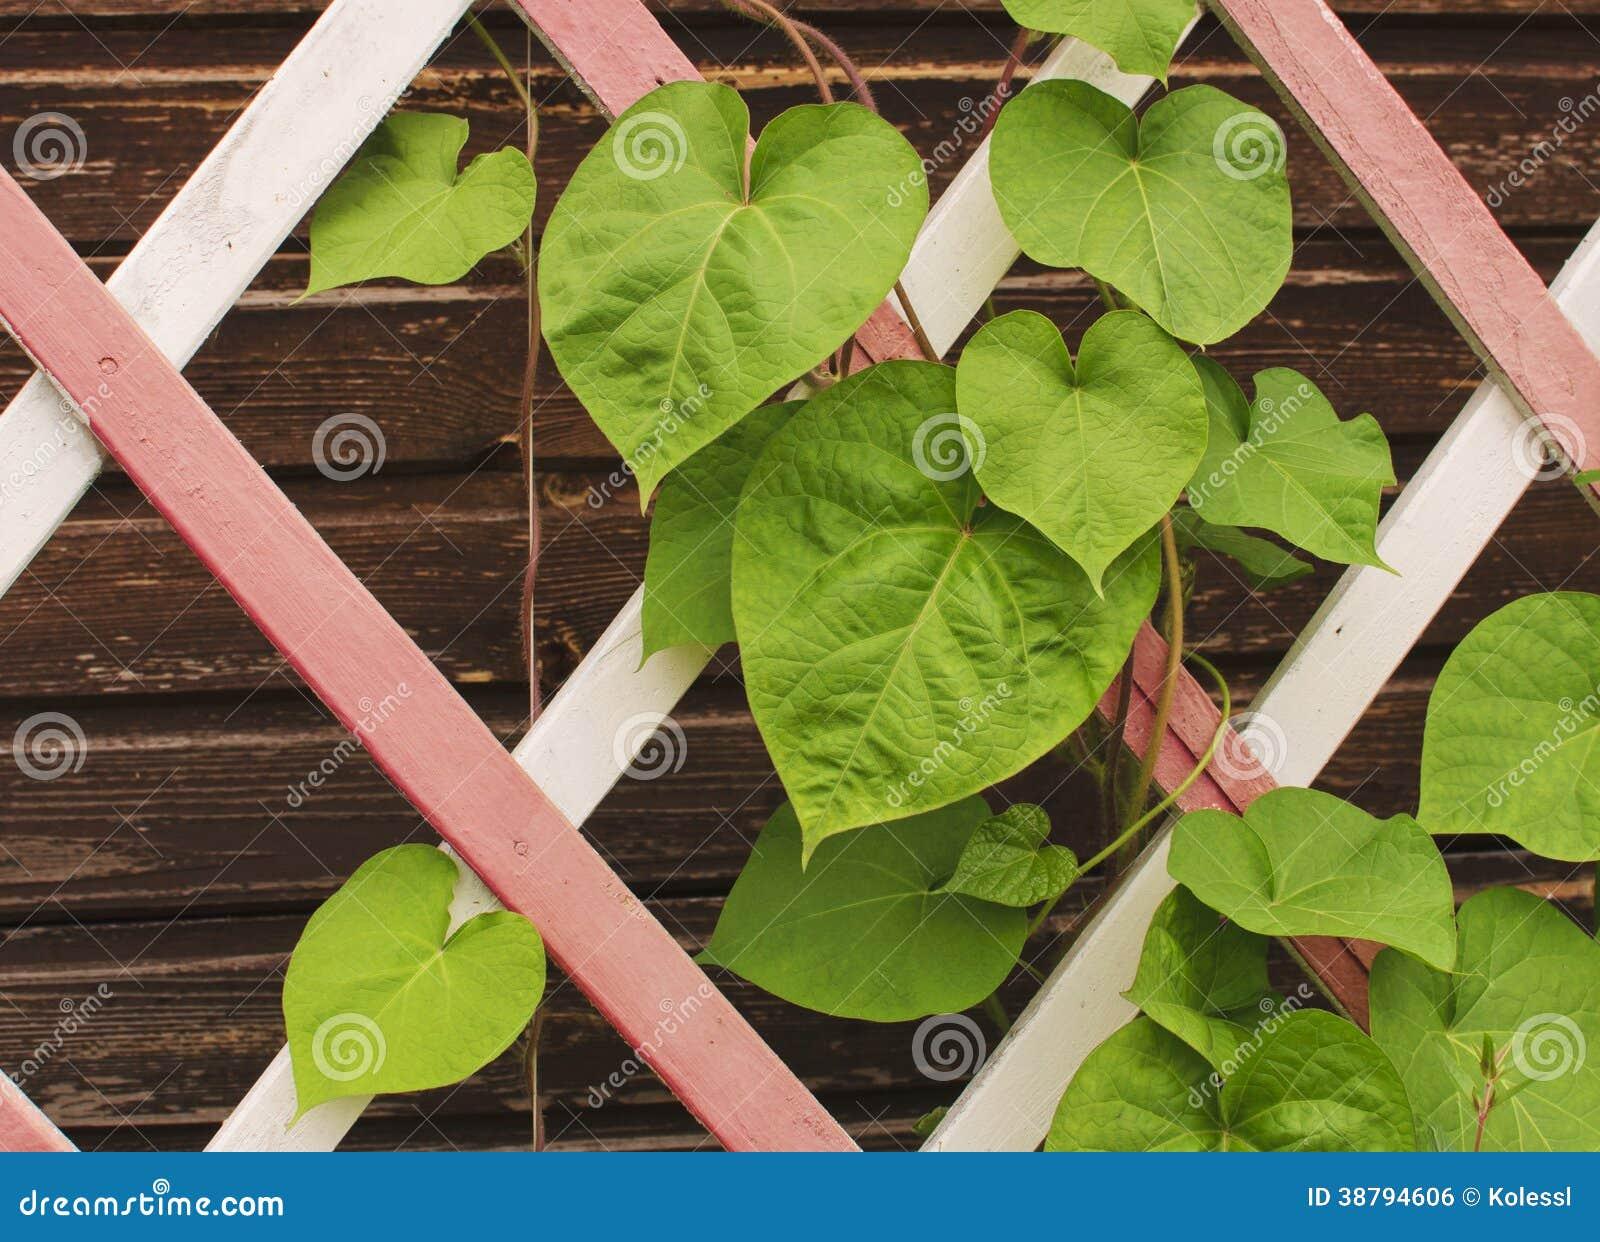 Blätter auf einem hölzernen Gitter